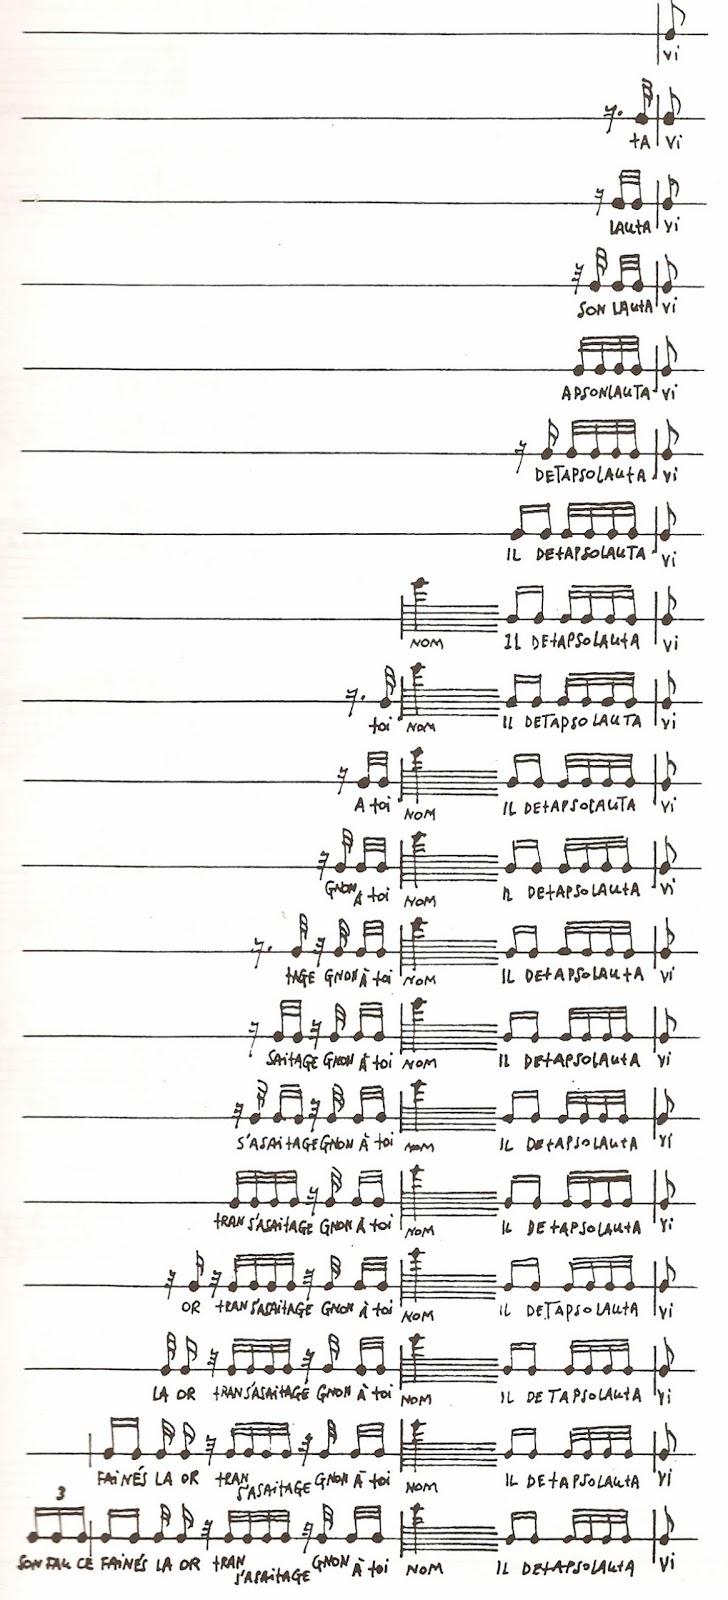 John Berberian - Ode To An Oud